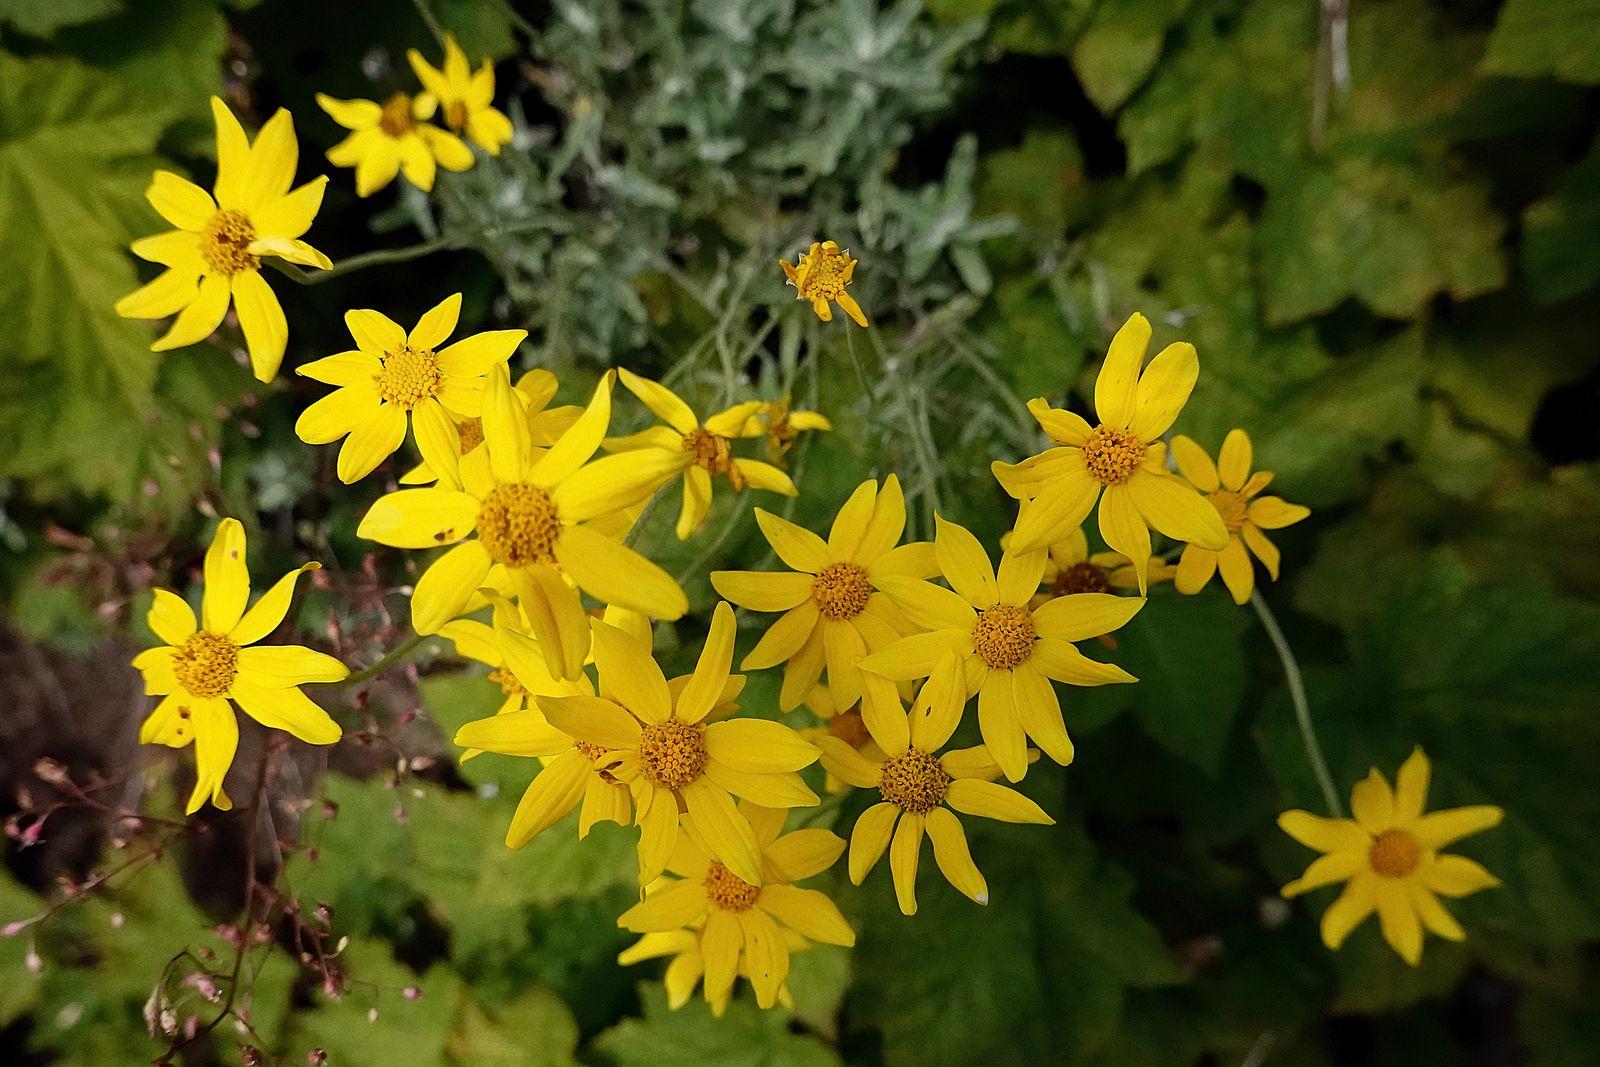 A type Sunflower